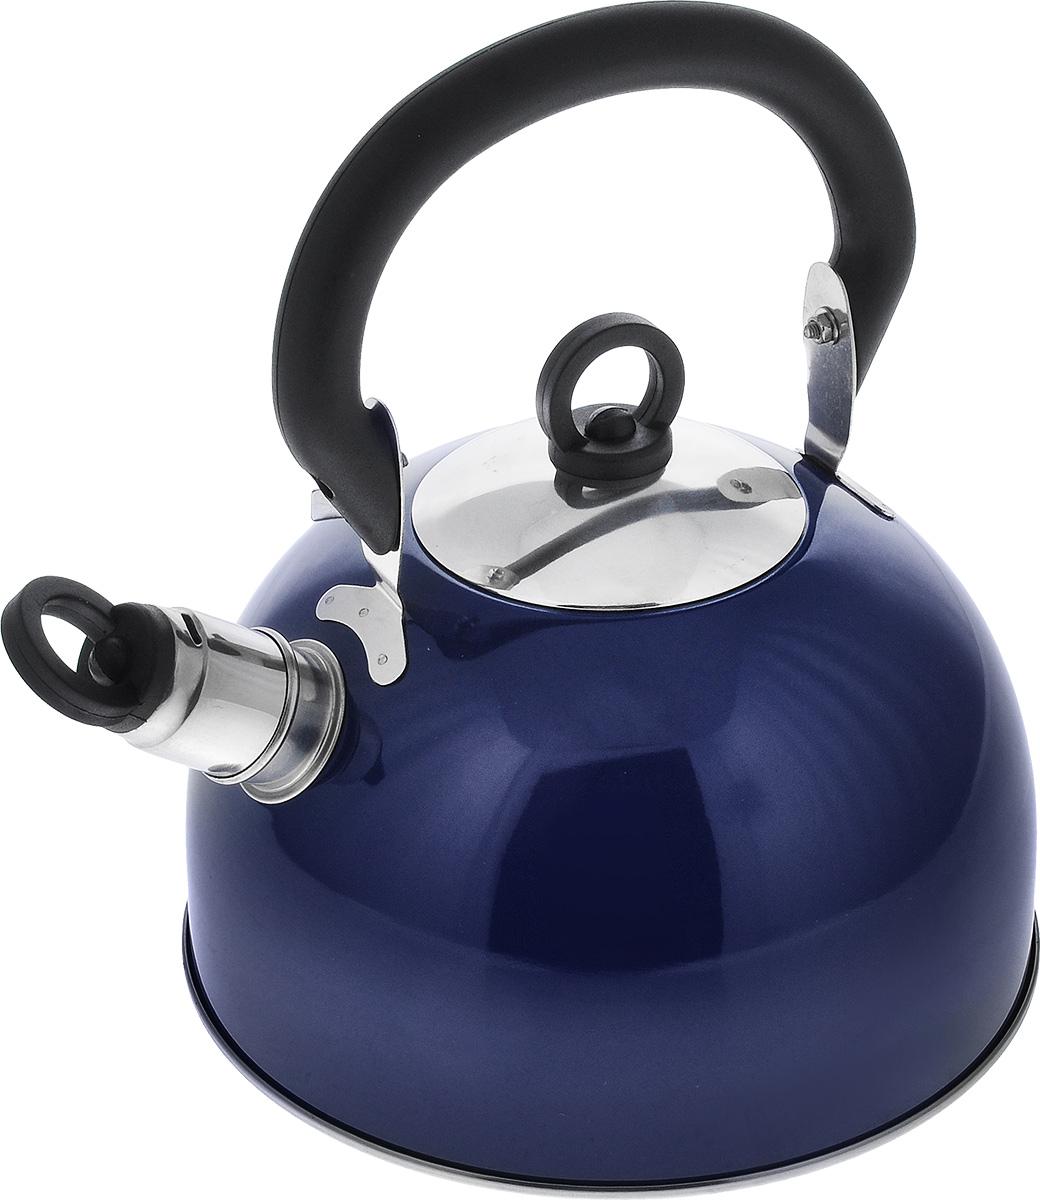 Чайник Bekker Koch со свистком, цвет: синий, 2,5 л. BK-S319M чайник bekker koch со свистком 4 л bk s478